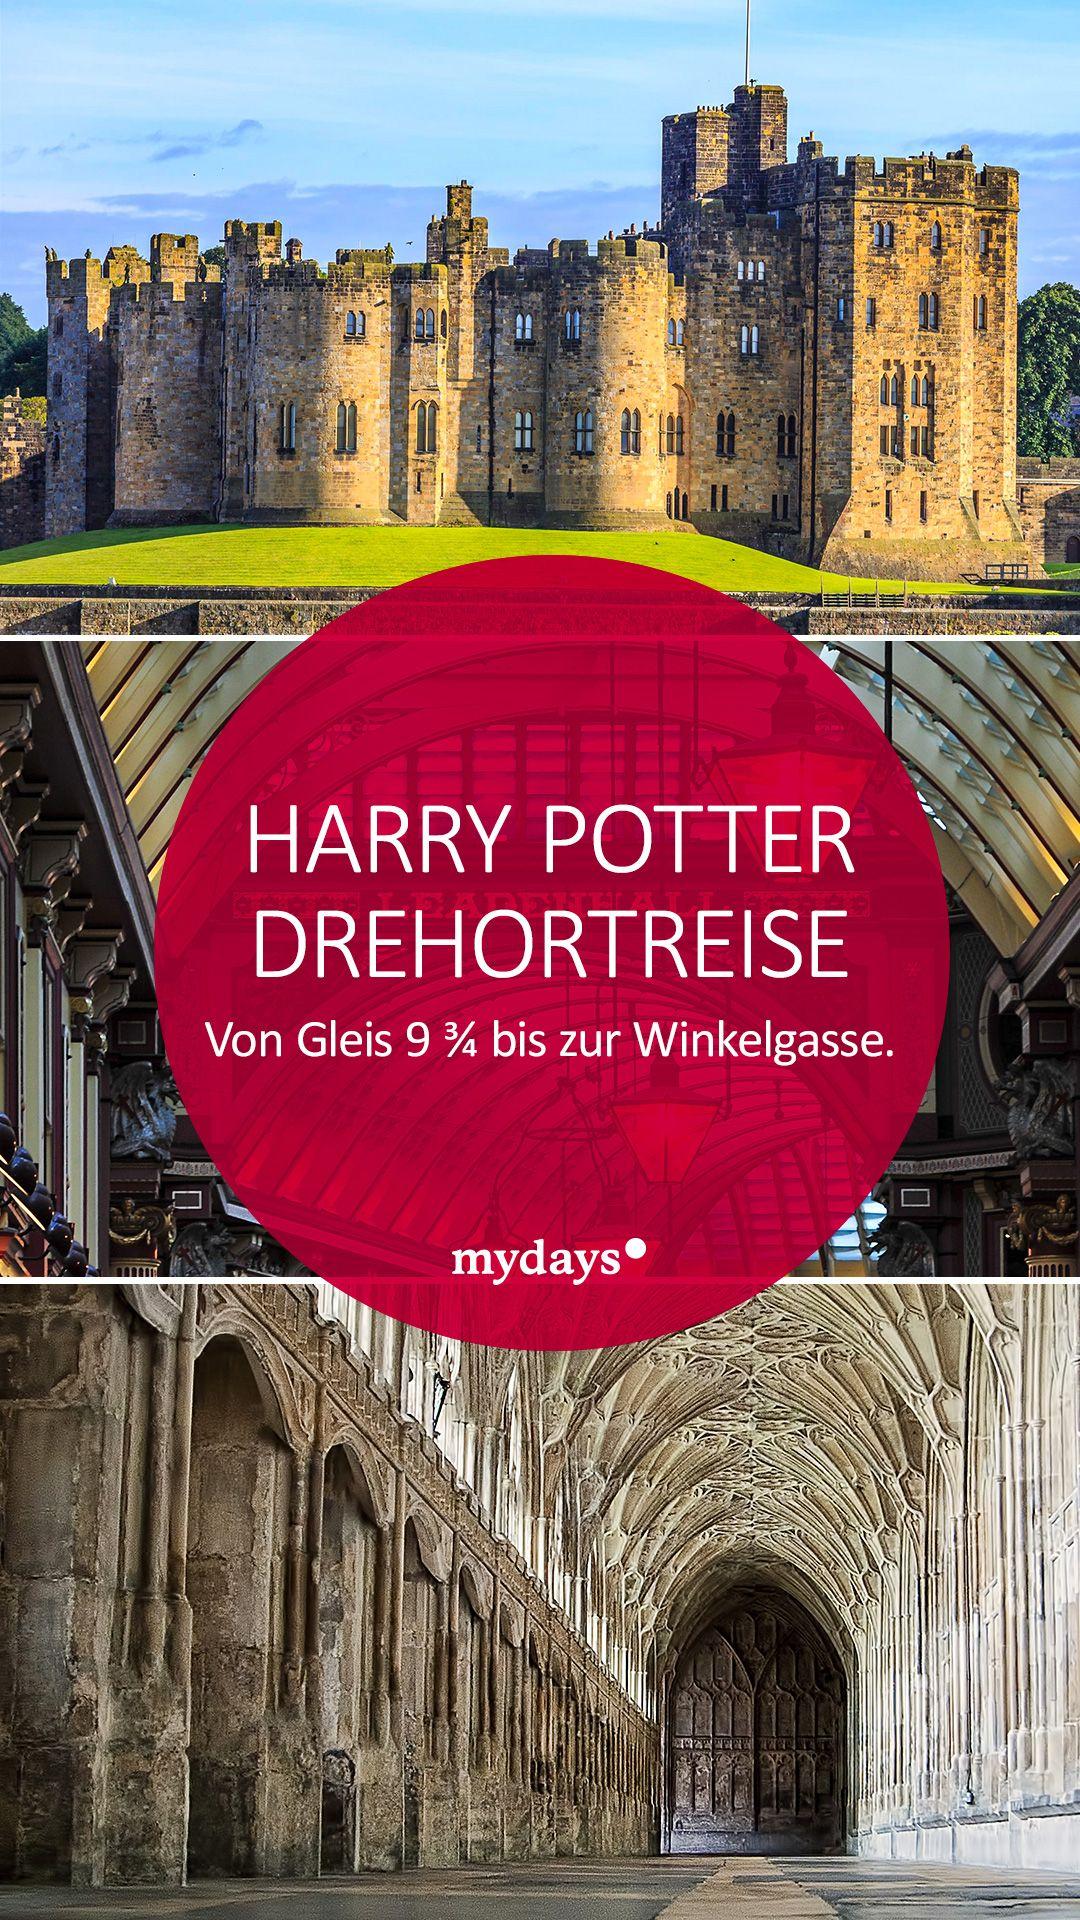 Harry Potter Drehort Tour Von Gleis 9 Zur Winkelgasse Reisen Ausflug Reise Inspiration